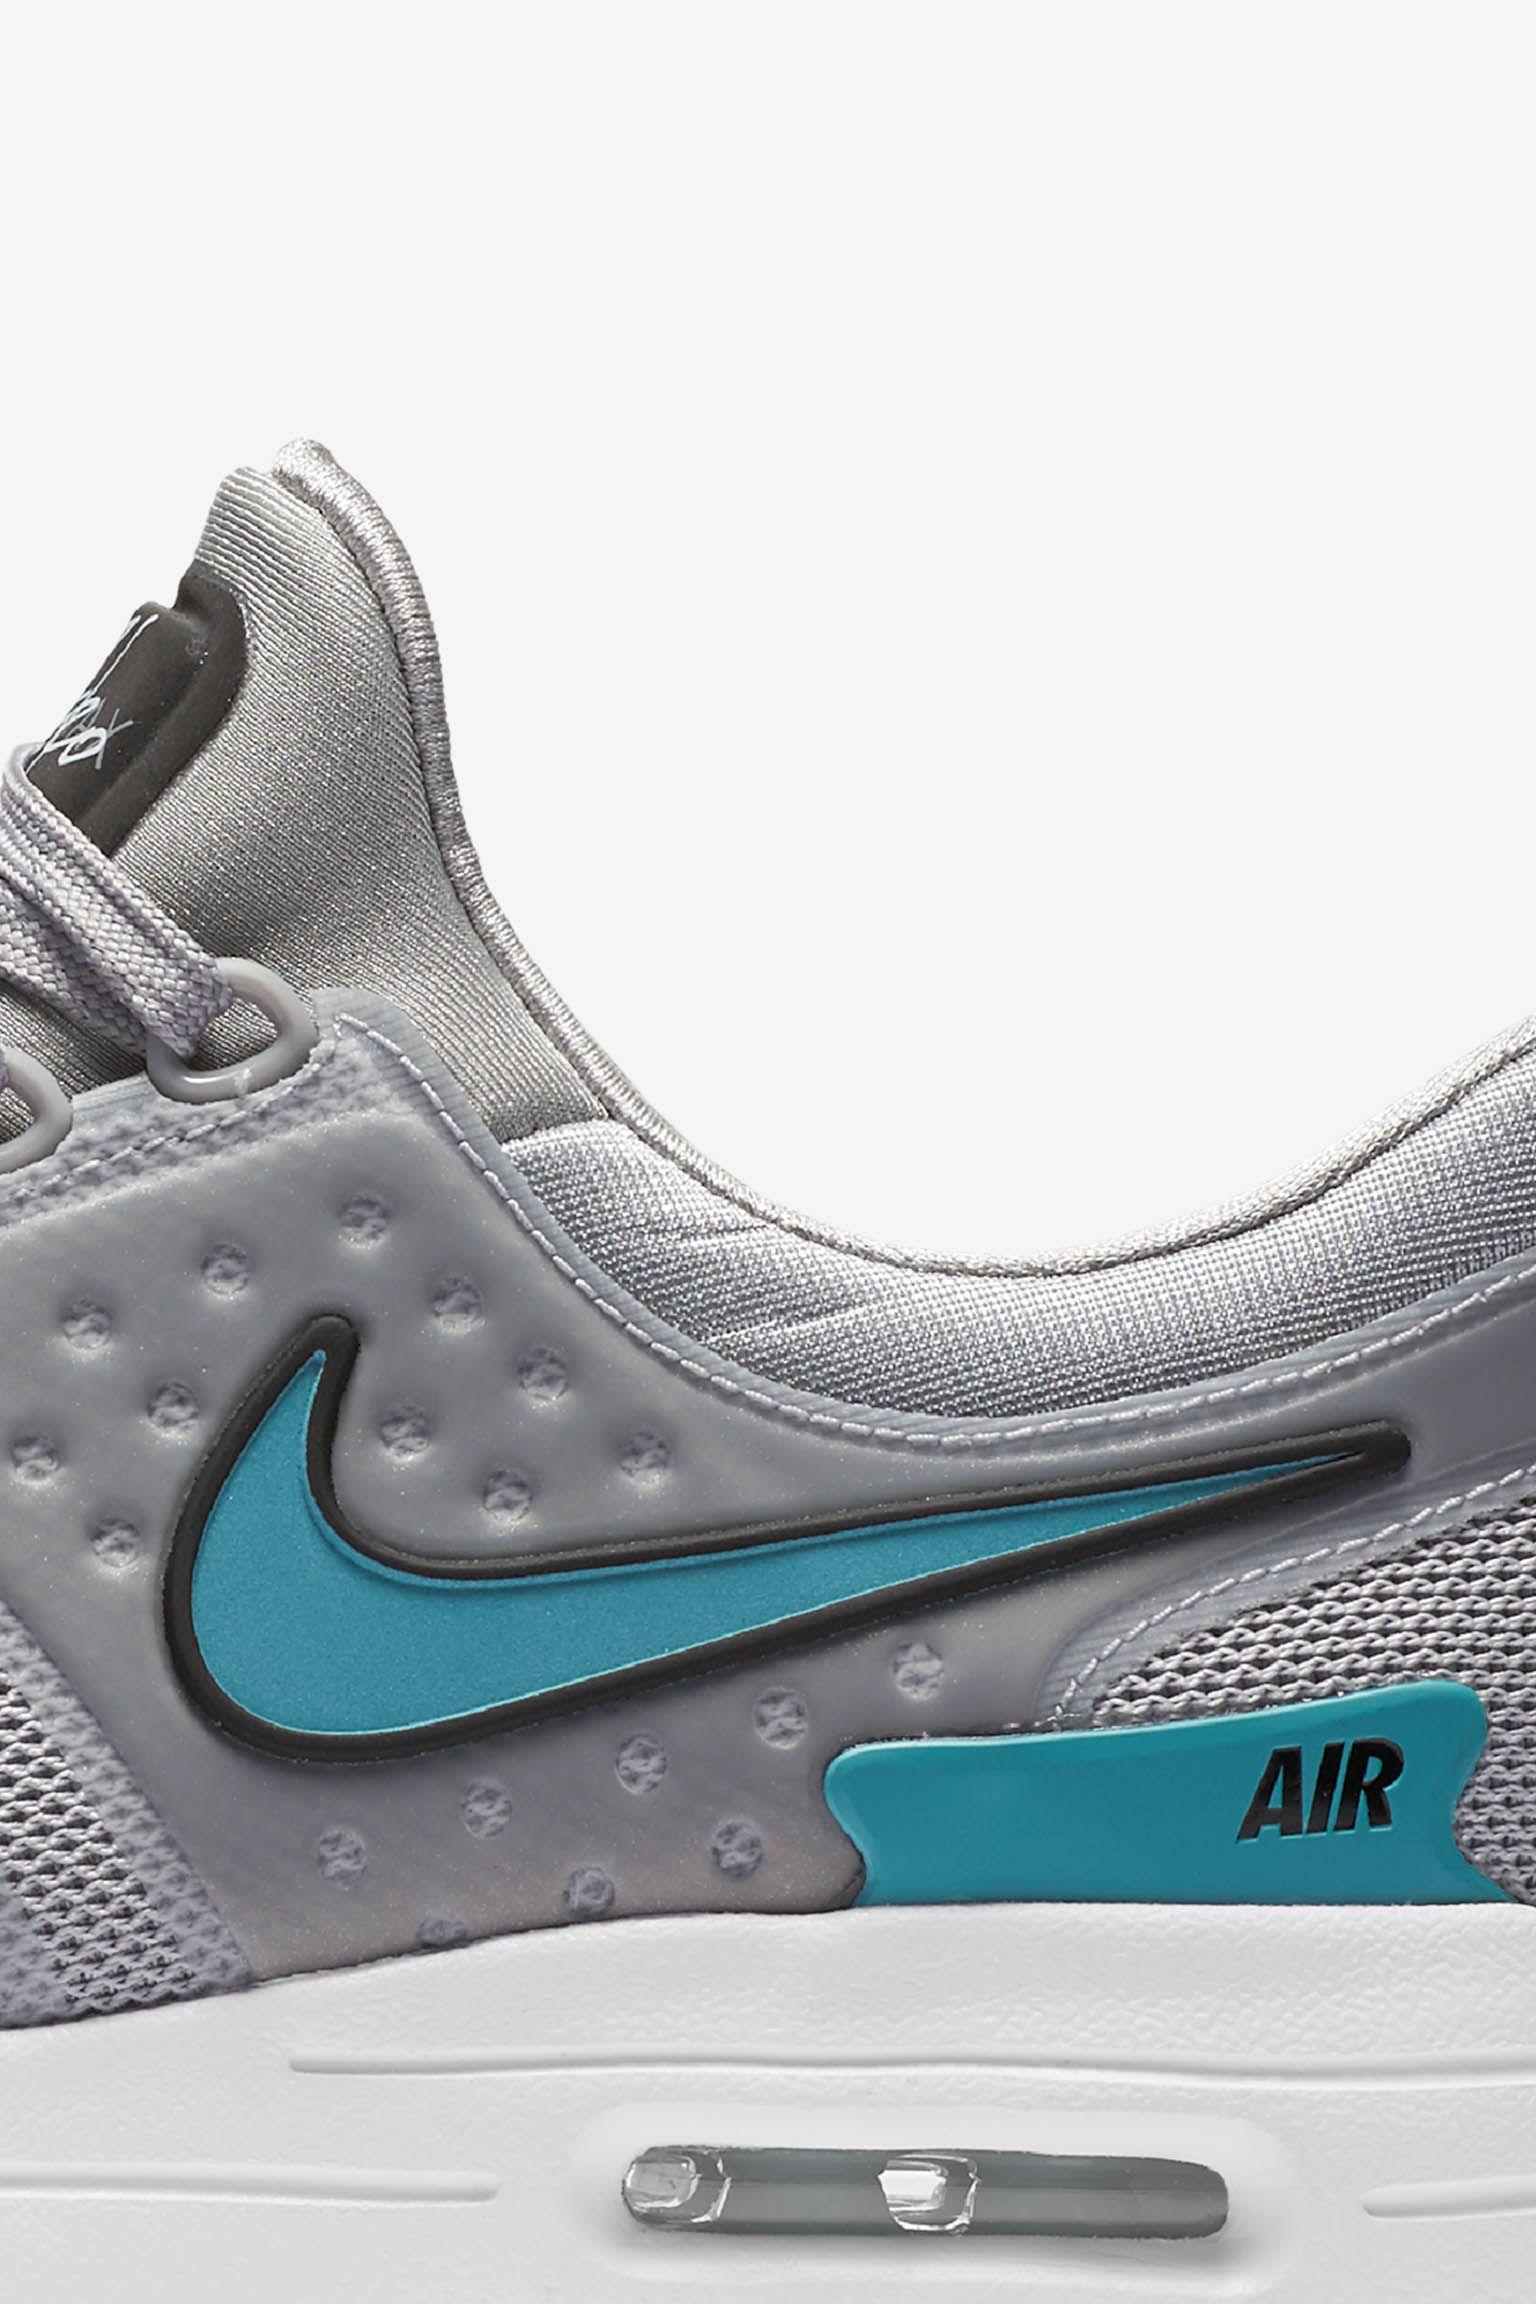 Women's Nike Air Max Zero 'Mineral Blue'